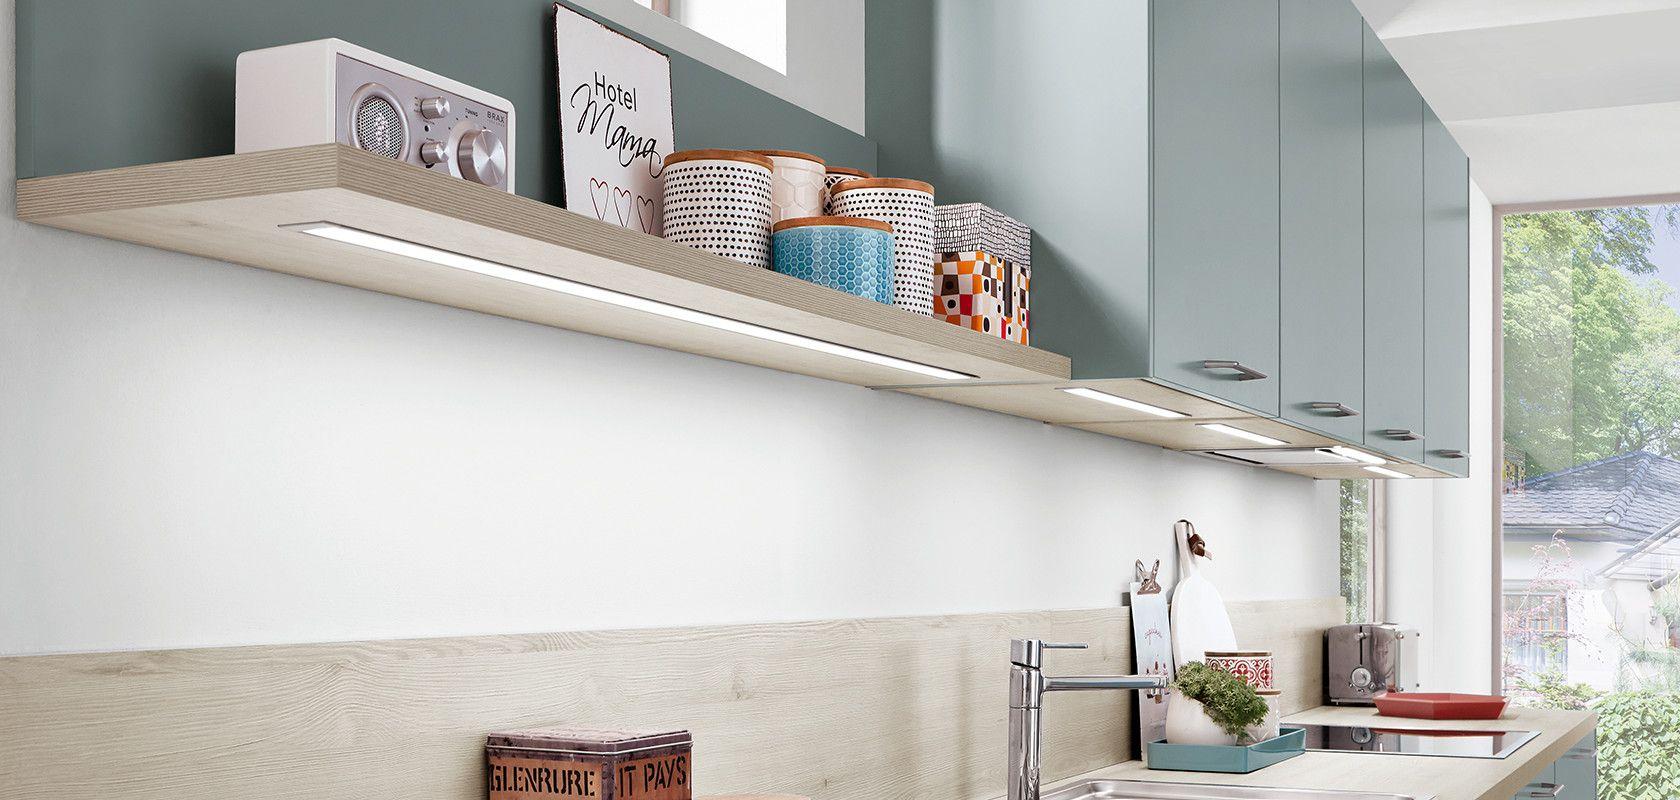 Küchenoberschränke bildergebnis für beleuchtung für küchenoberschränke küche